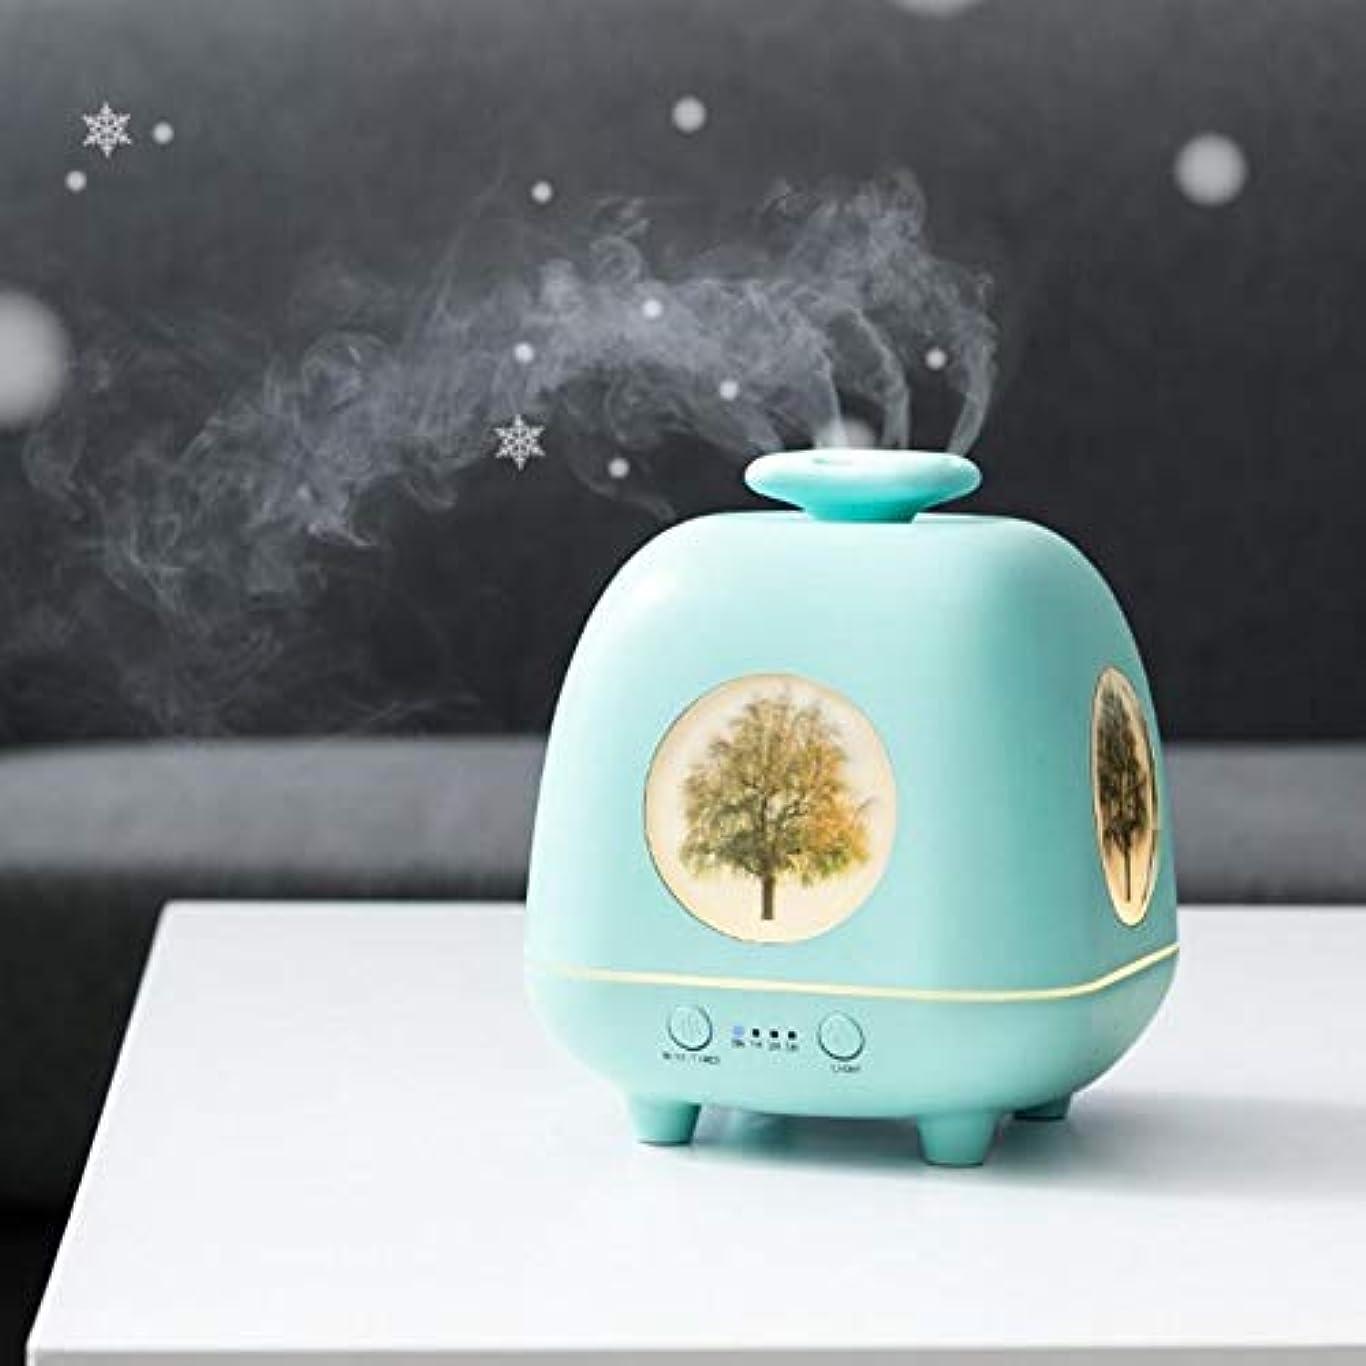 十分風景結婚した涼しい霧 香り 精油 ディフューザー,7 色 空気を浄化 4穴ノズル 加湿器 時間 加湿機 ホーム Yoga デスク オフィス ベッド-青 230ml